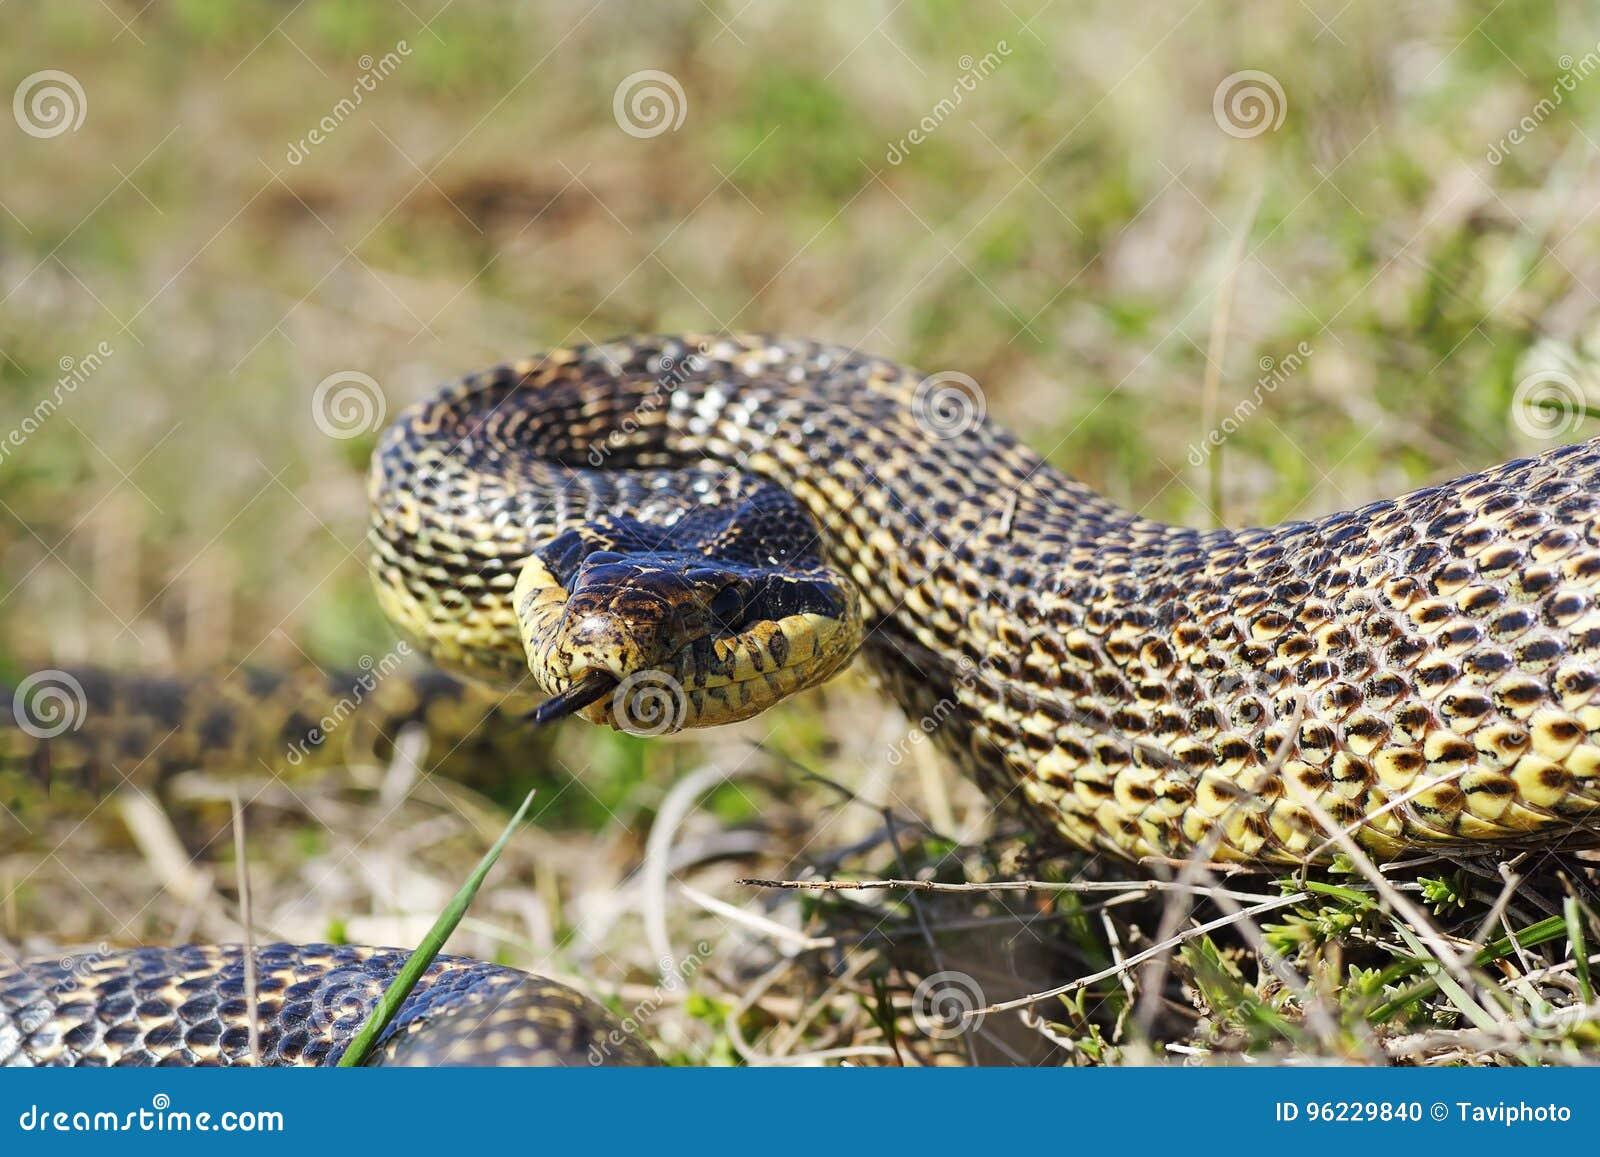 Serpente blotched aggressivo